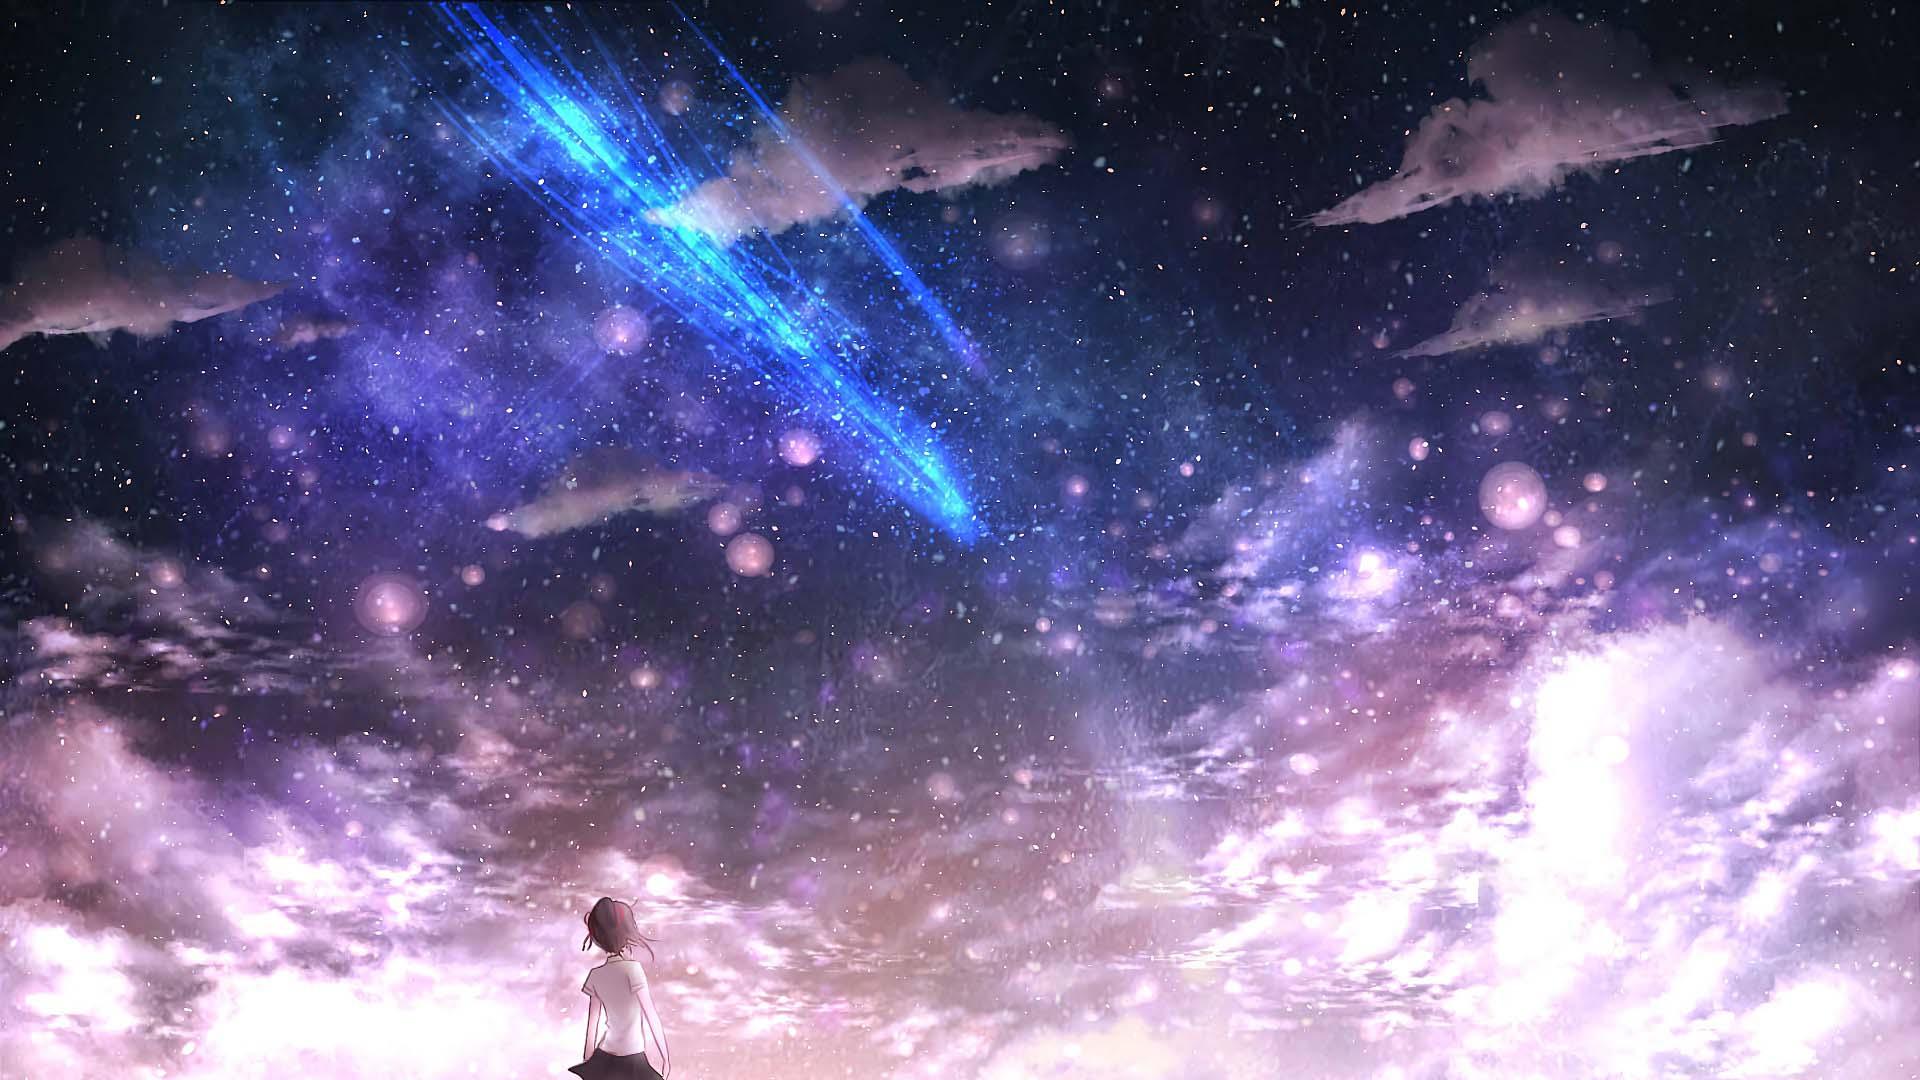 Ảnh galaxy phong cảnh đẹp